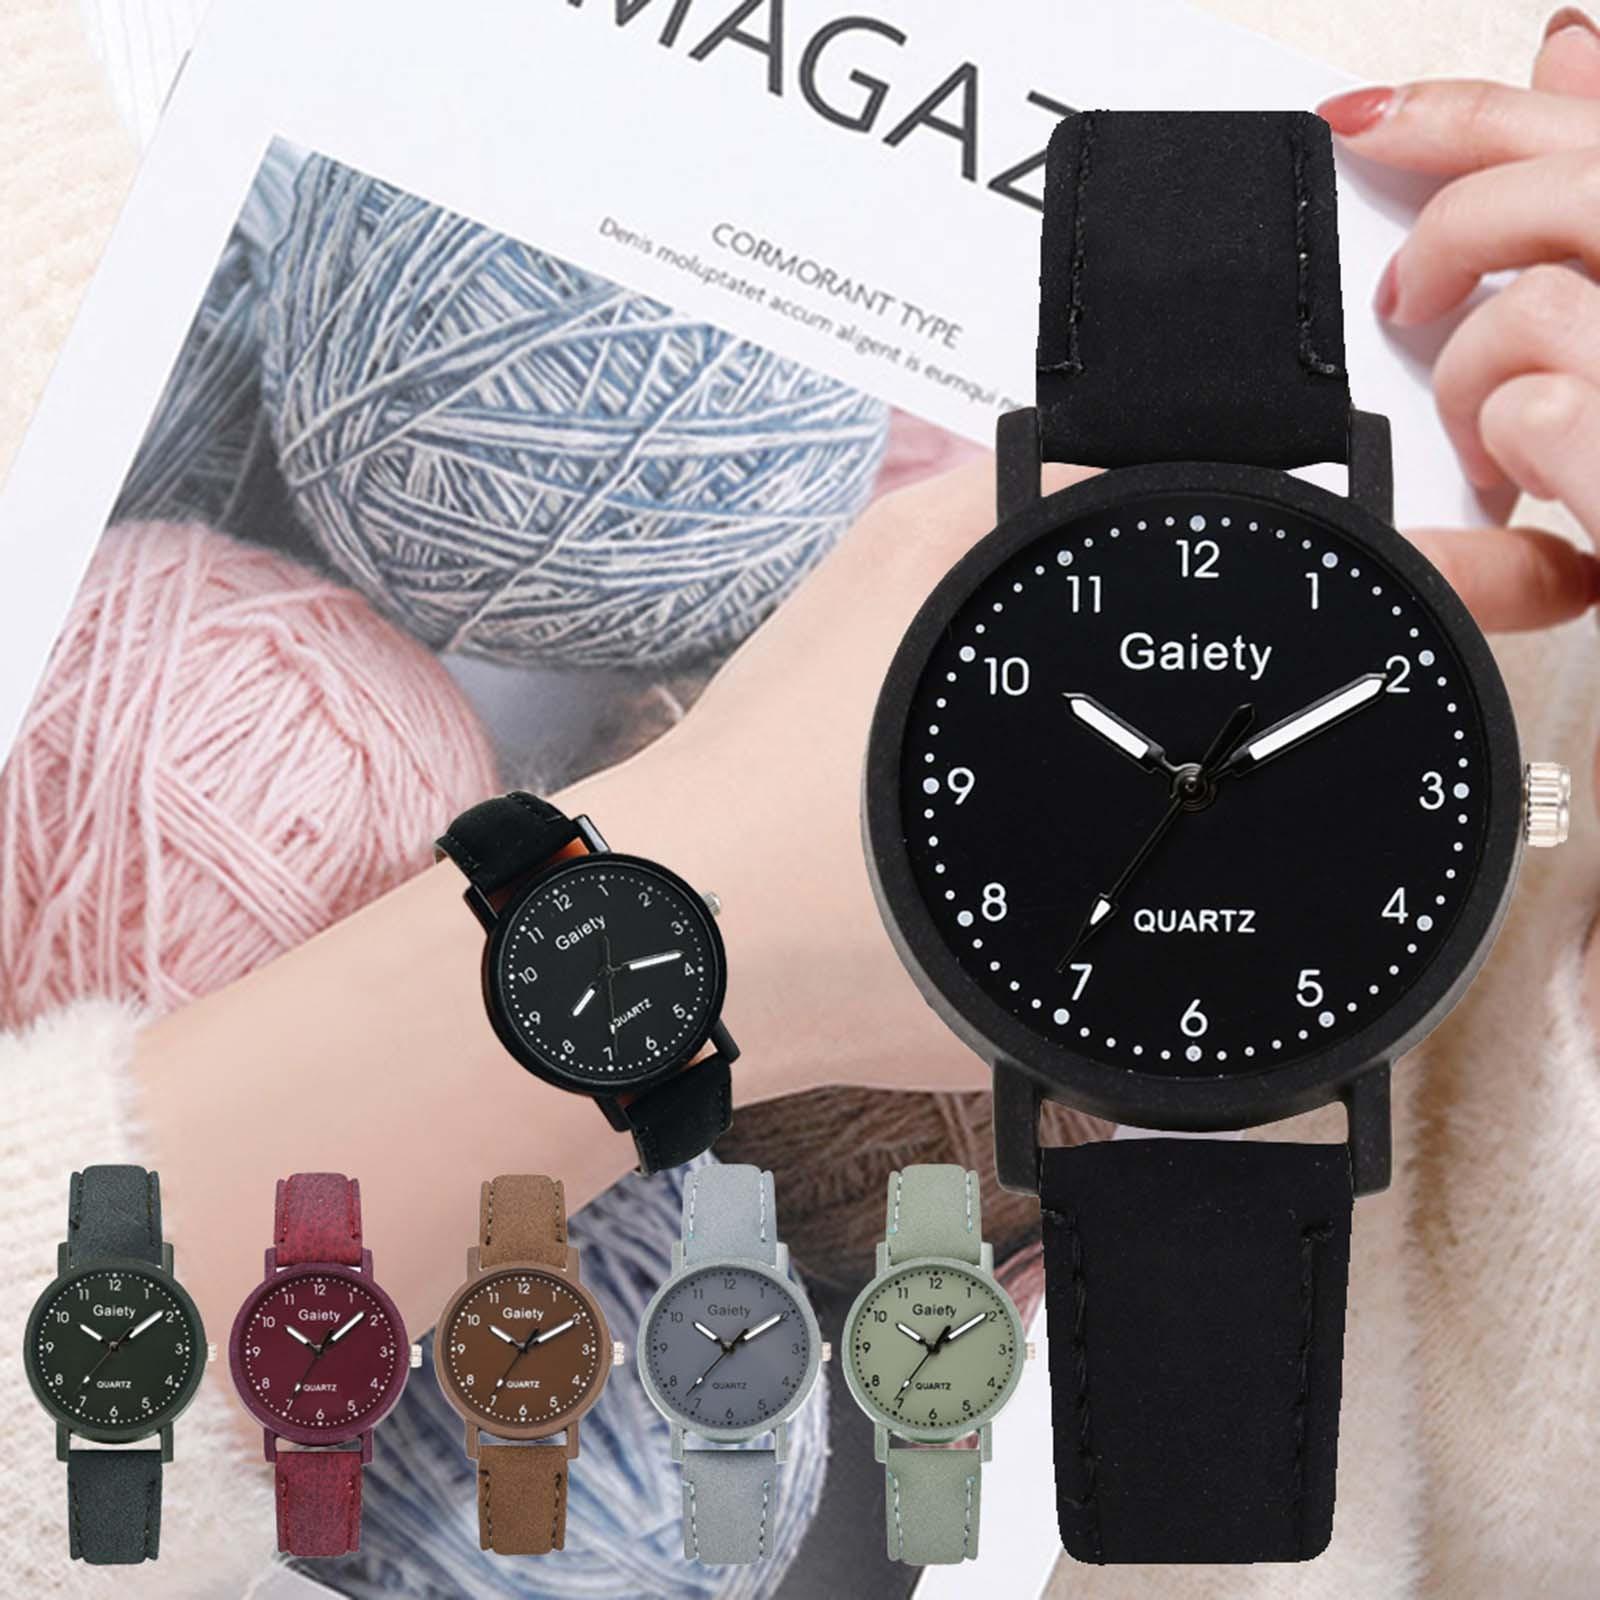 Smart Watch Gaiety Sleek Minimalist Fashion With Strap Dial Women's Quartz Watch Gift Watch  часы женские наручные часы наручные женские taya цвет черный t w 0065 watch gl black